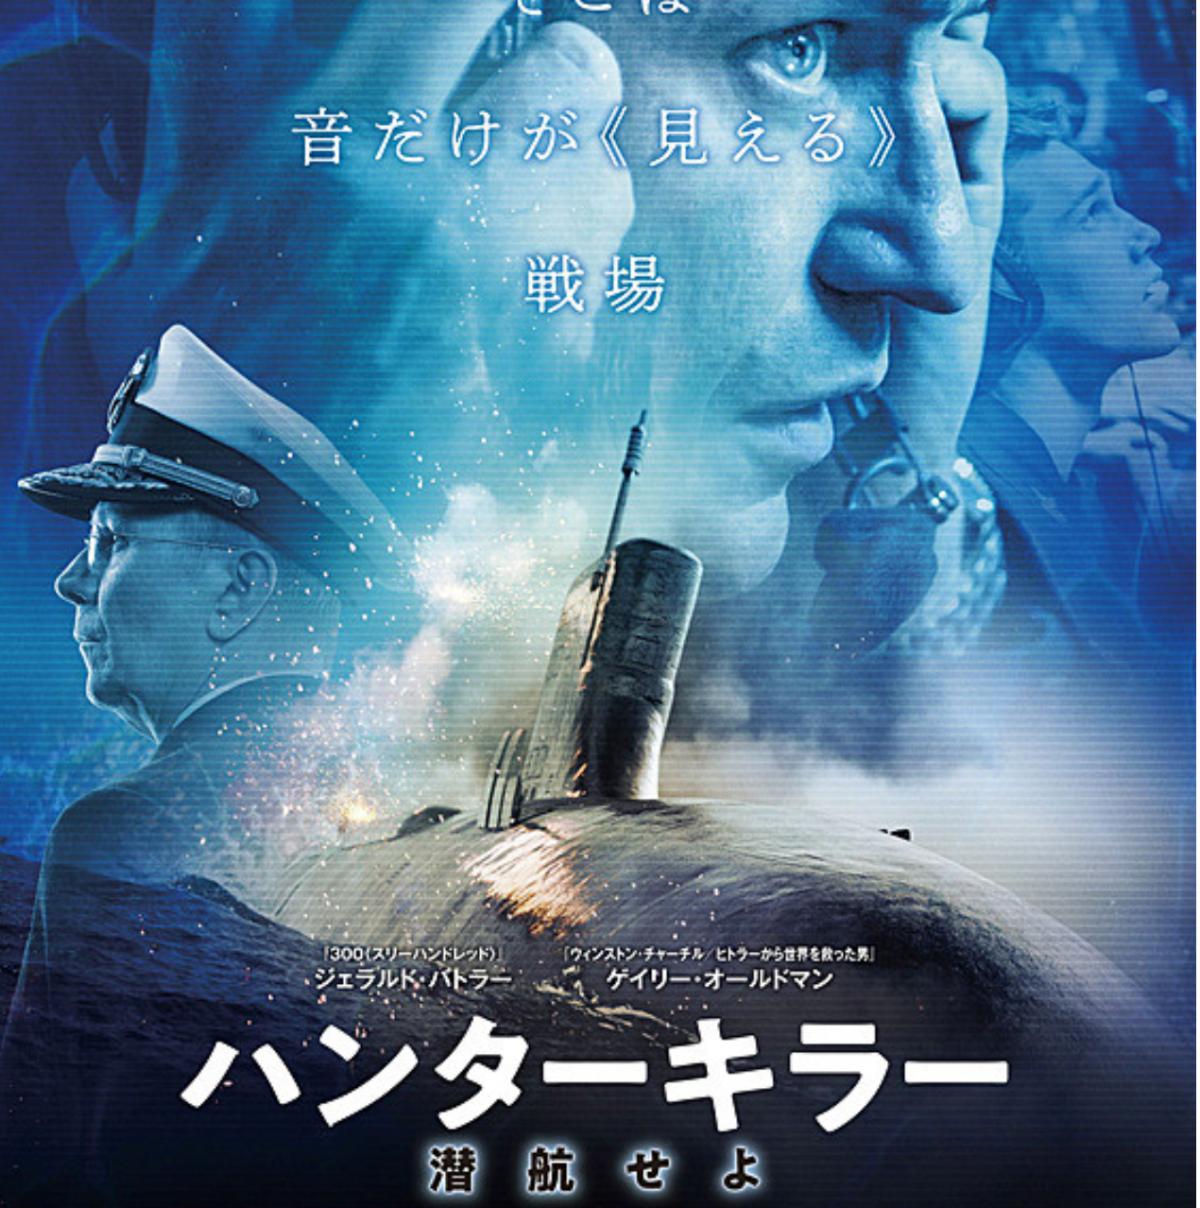 映画「ハンターキラー 潜航せよ」を観て~人の良心を信じる映画~